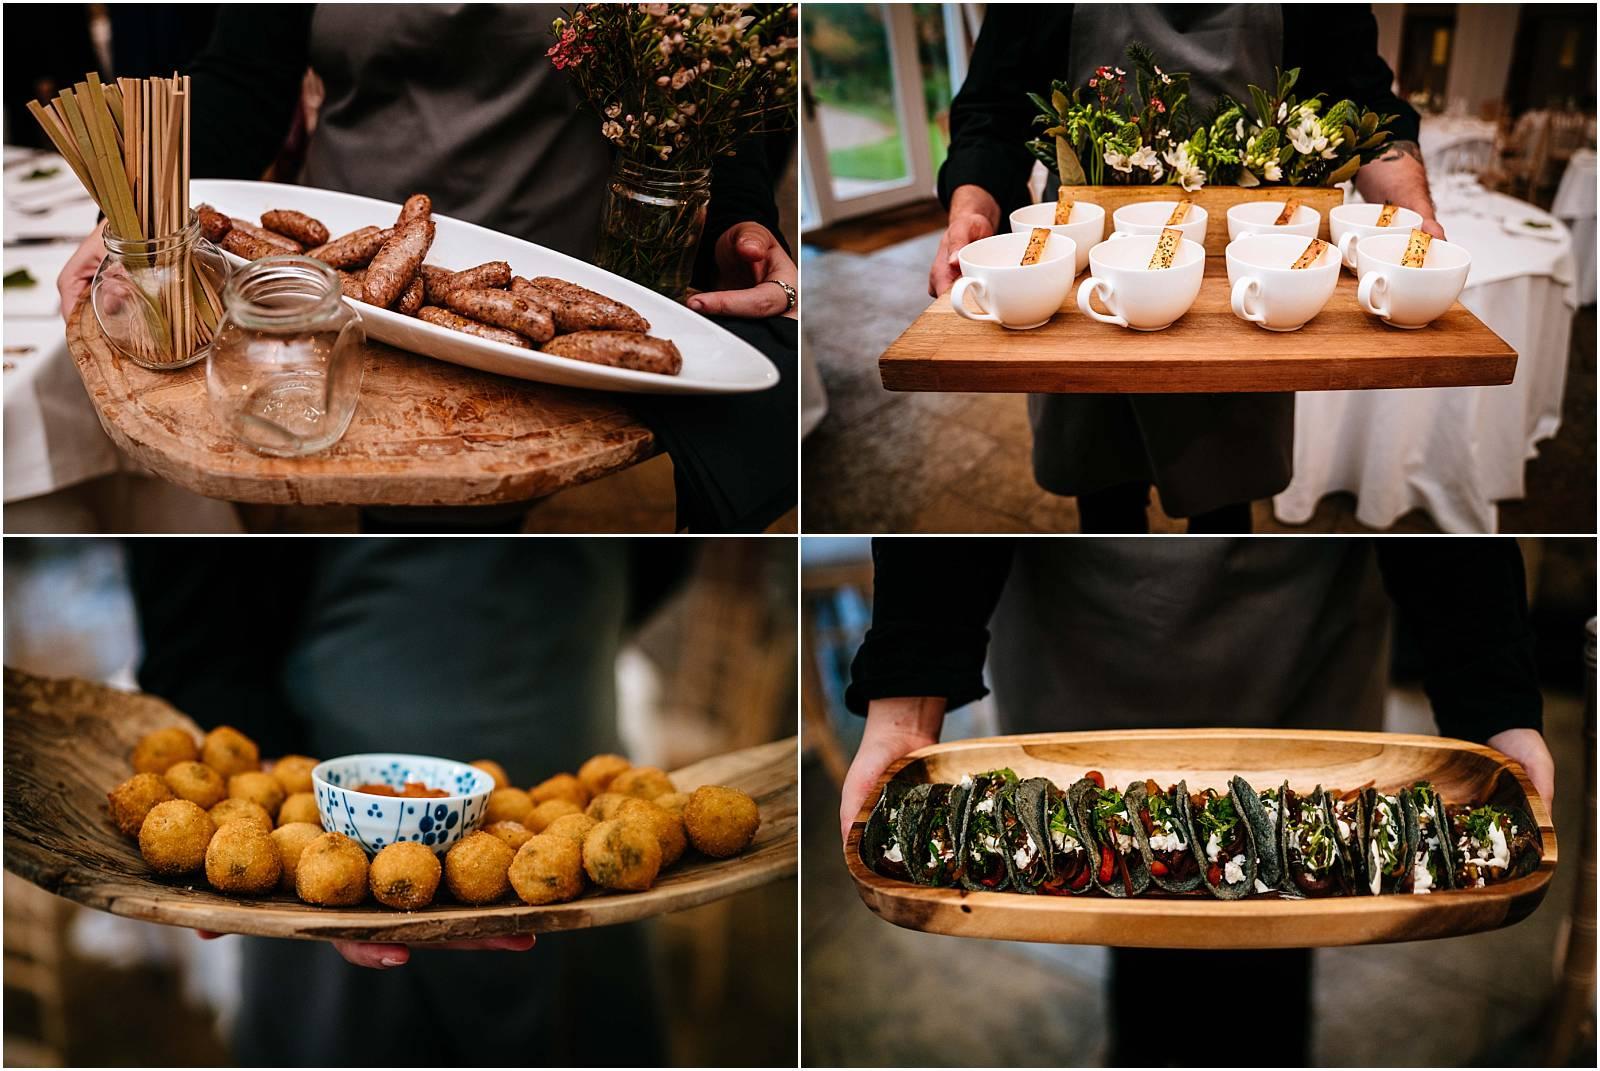 farbridge wedding canapes yum yum yum